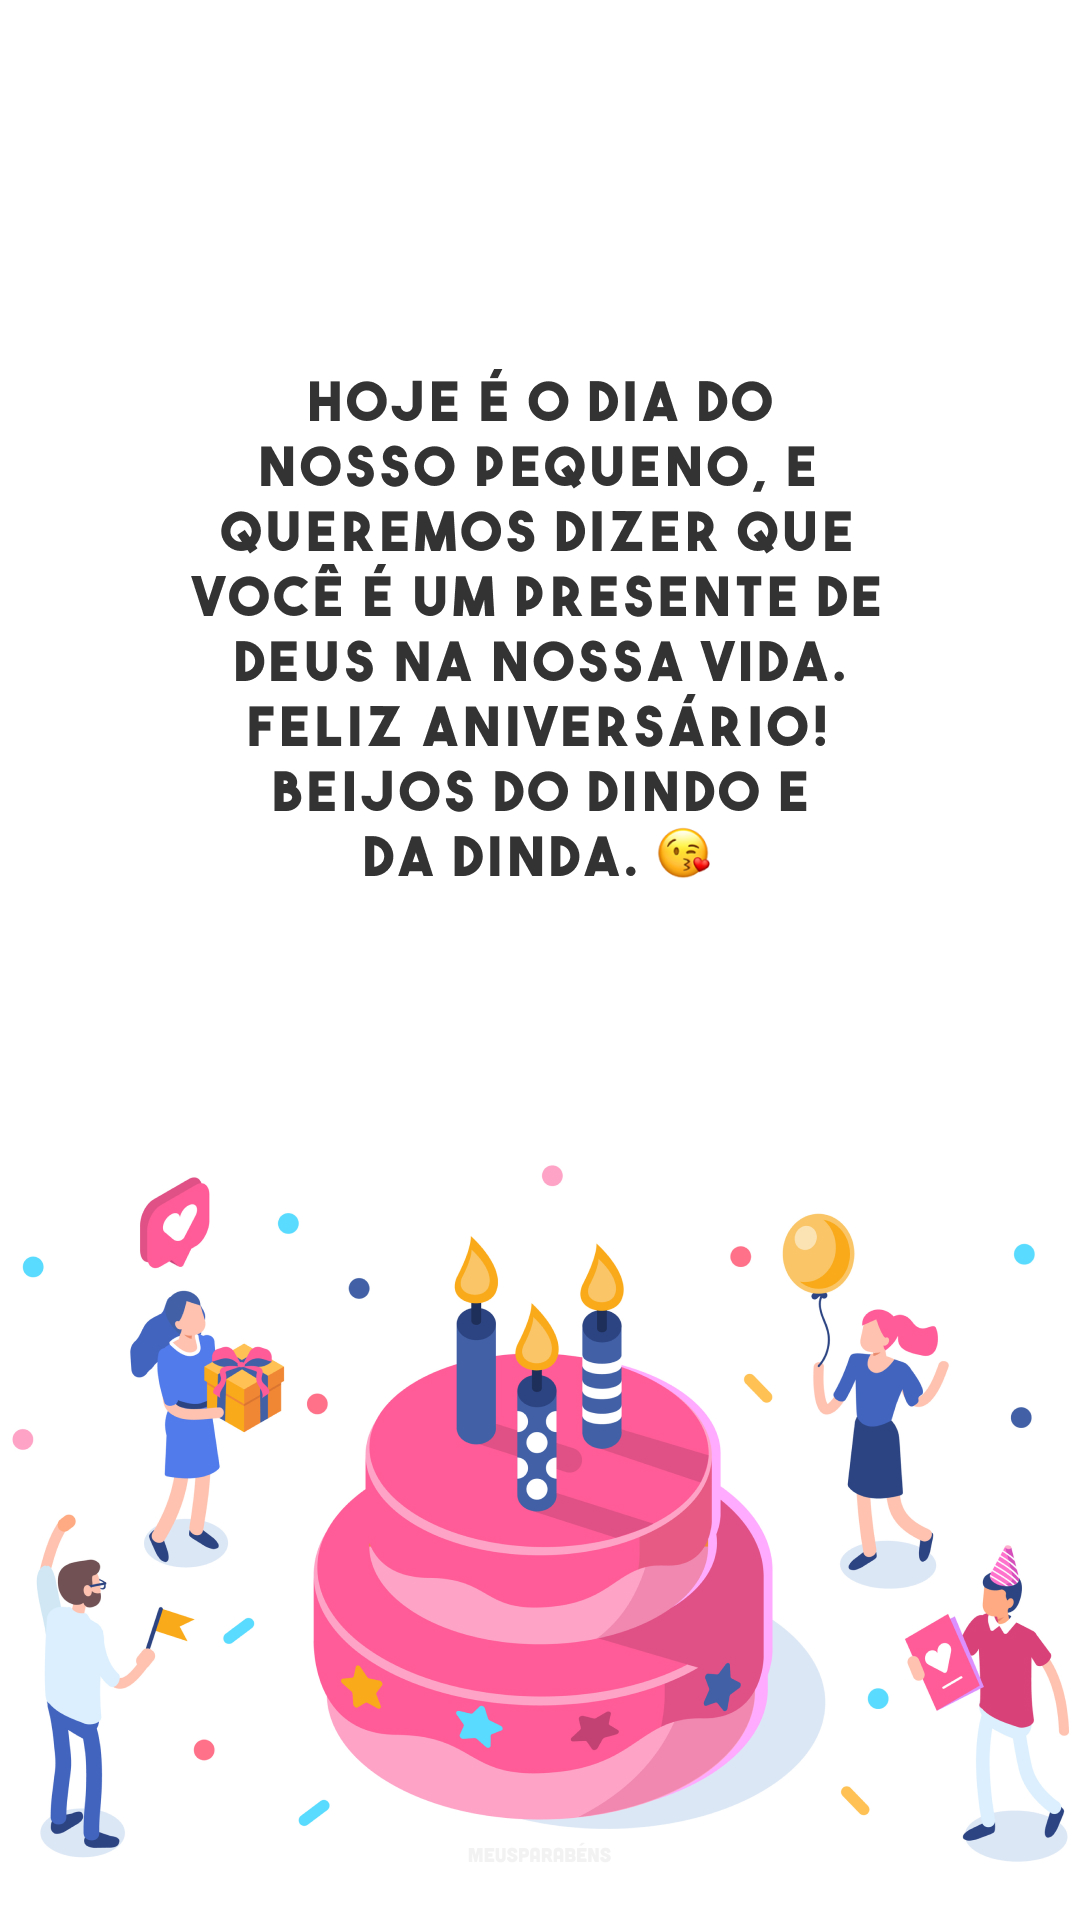 Hoje é o dia do nosso pequeno, e queremos dizer que você é um presente de Deus na nossa vida. Feliz aniversário! Beijos do dindo e da dinda. 😘